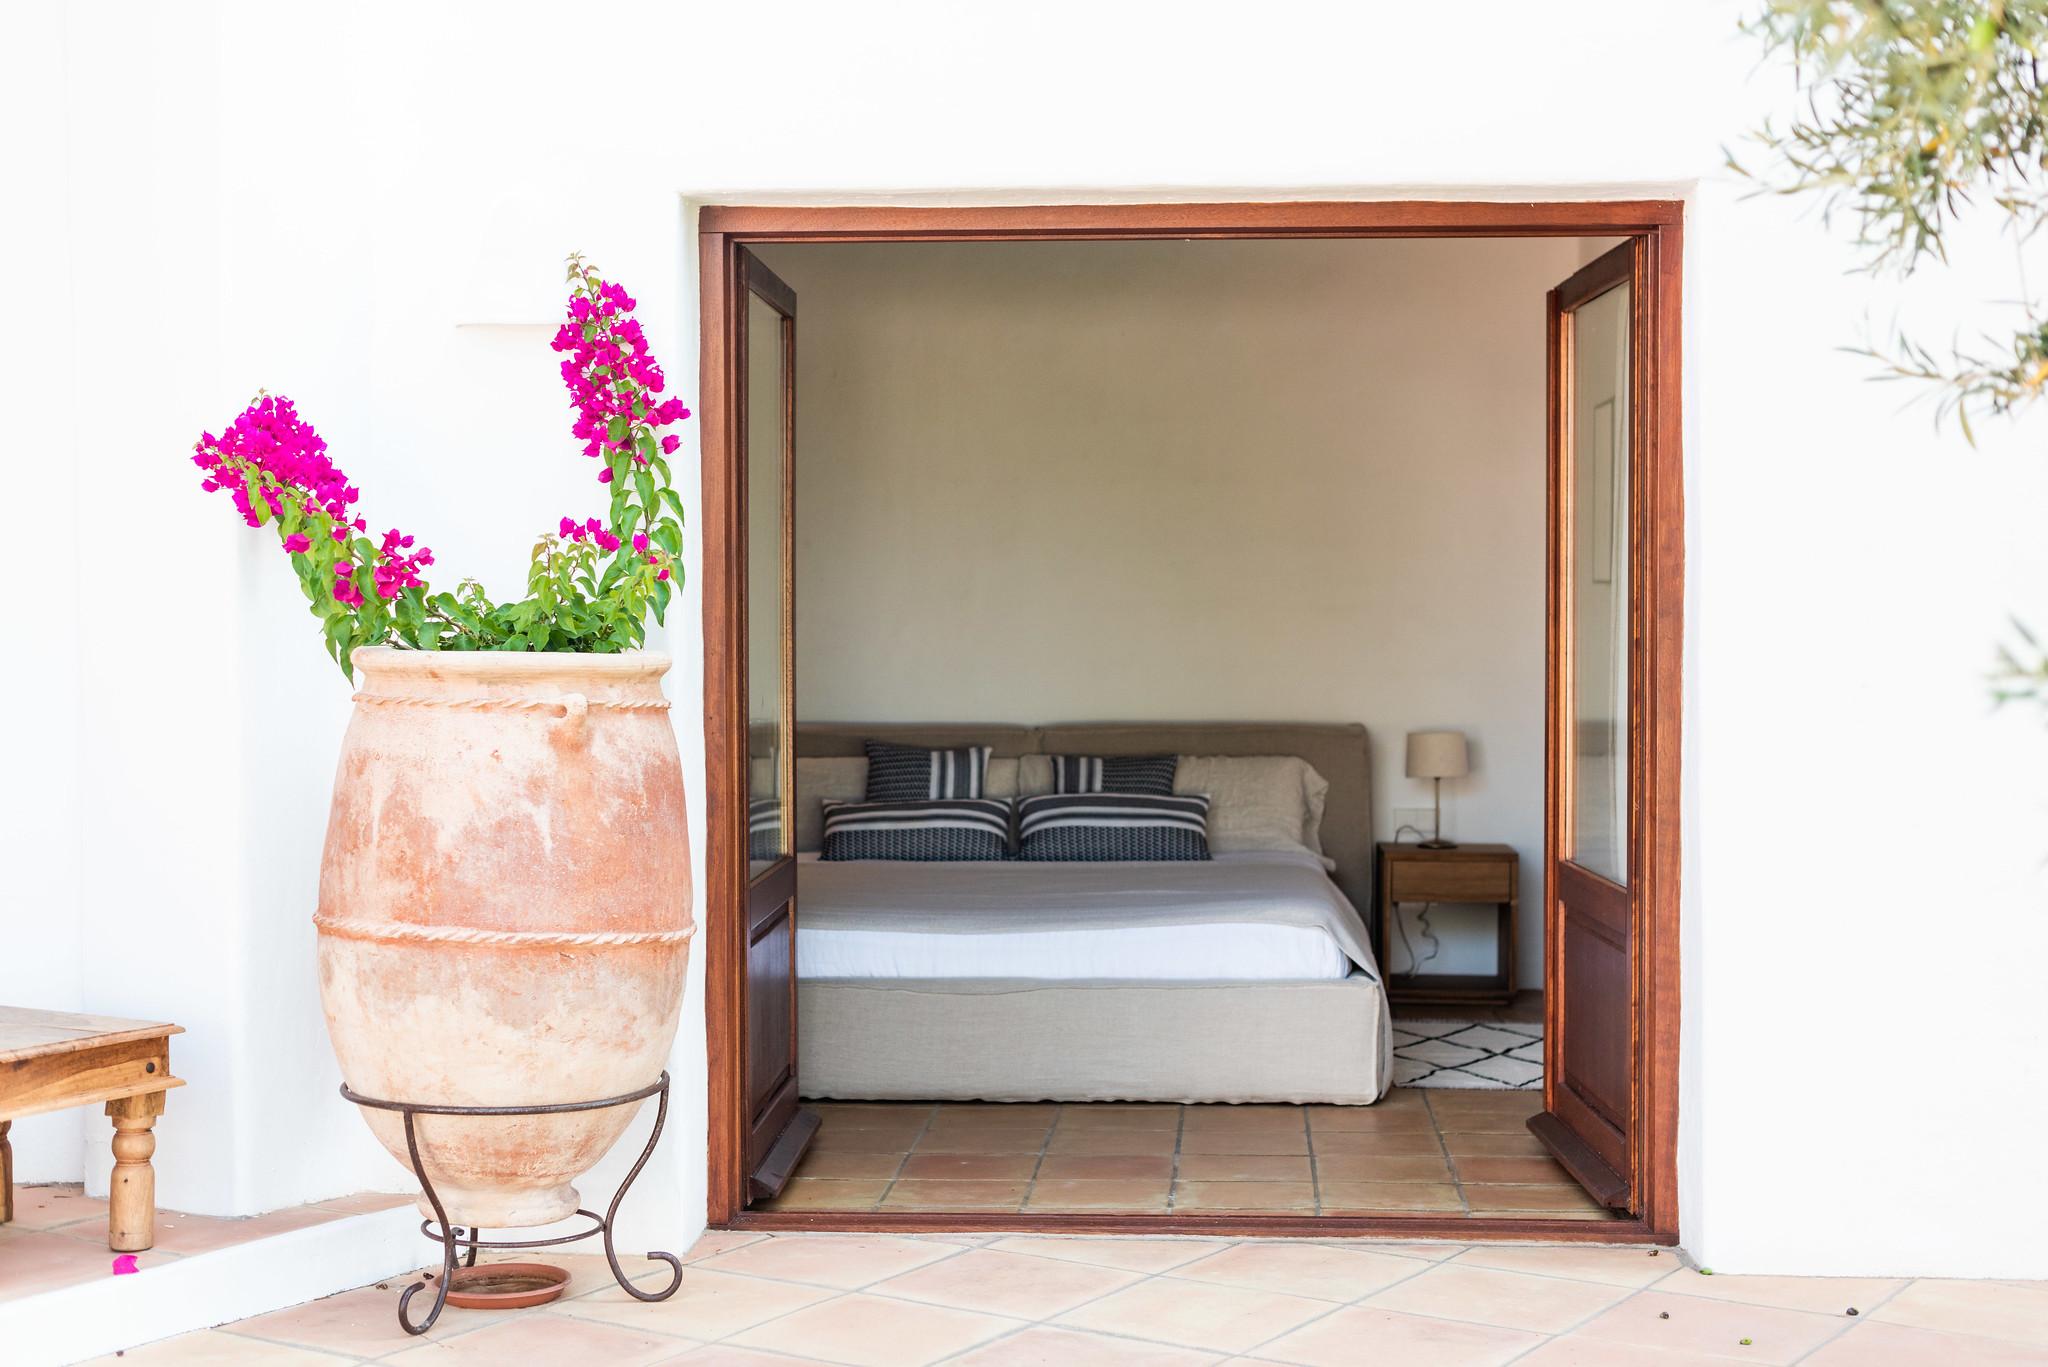 https://www.white-ibiza.com/wp-content/uploads/2020/05/white-ibiza-villas-can-lavanda-bougainvillea.jpg